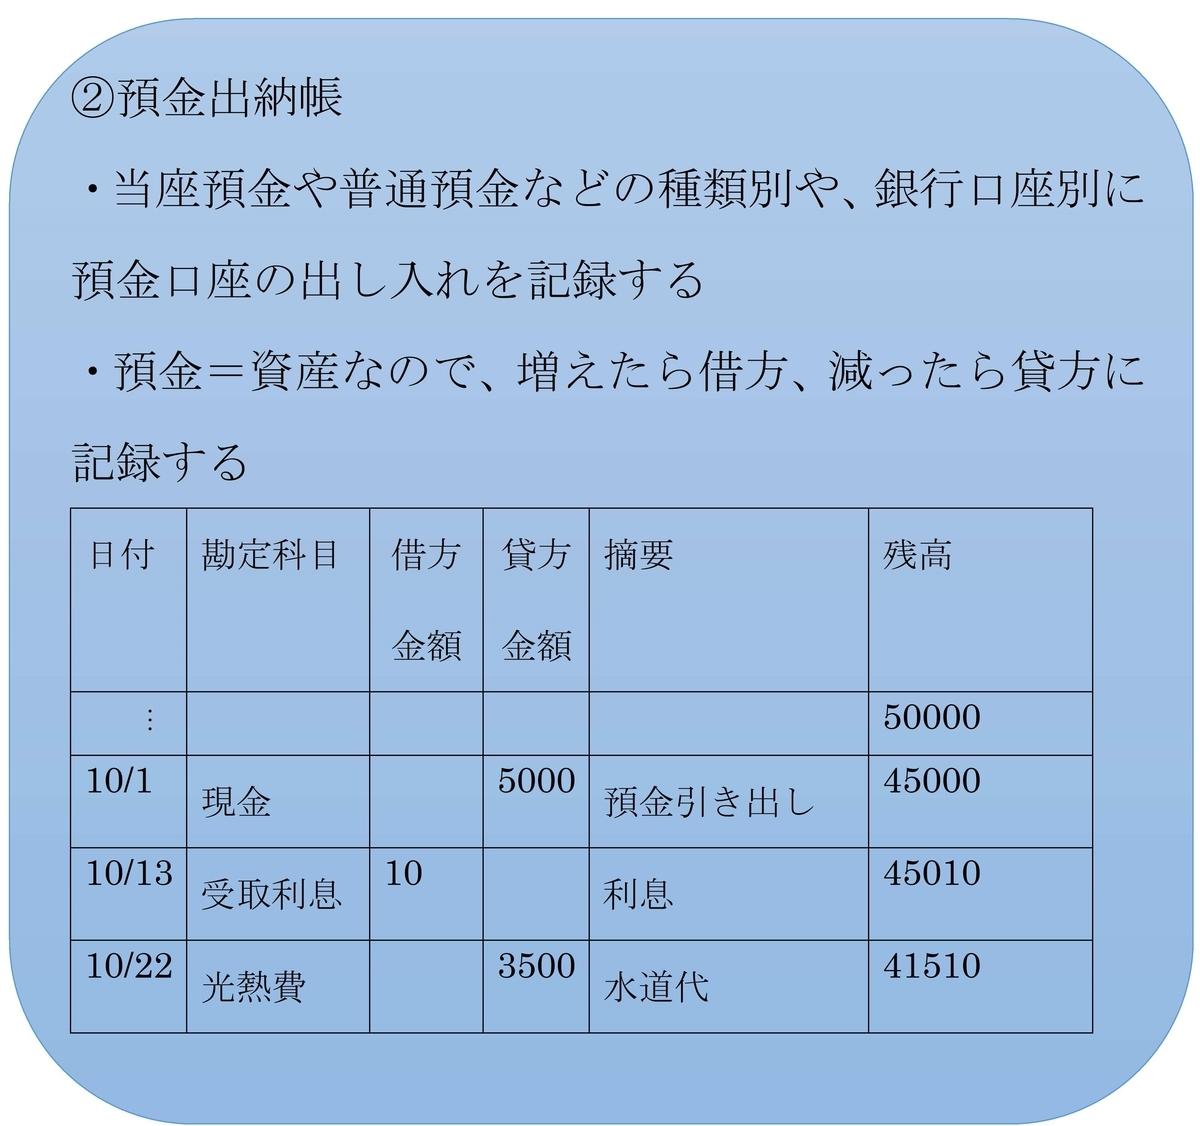 f:id:kokosapo:20200729112759j:plain